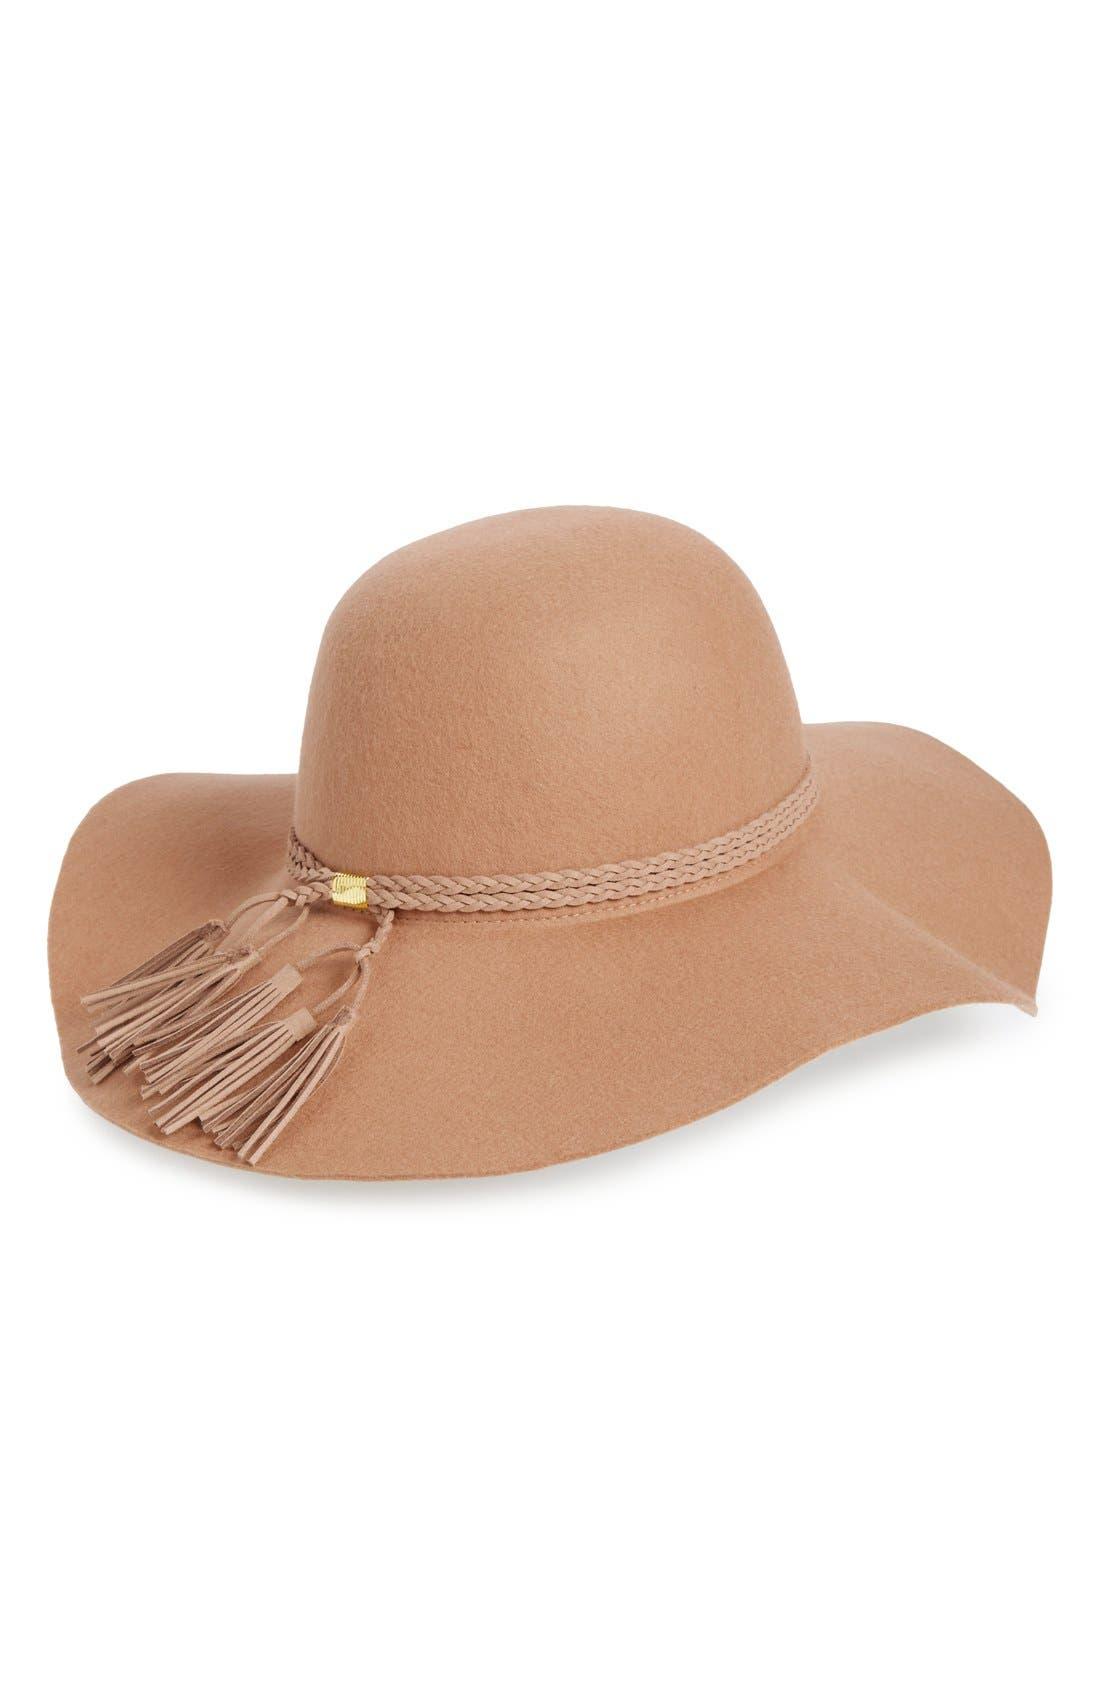 Alternate Image 1 Selected - BP. Tassel Floppy Wool Hat